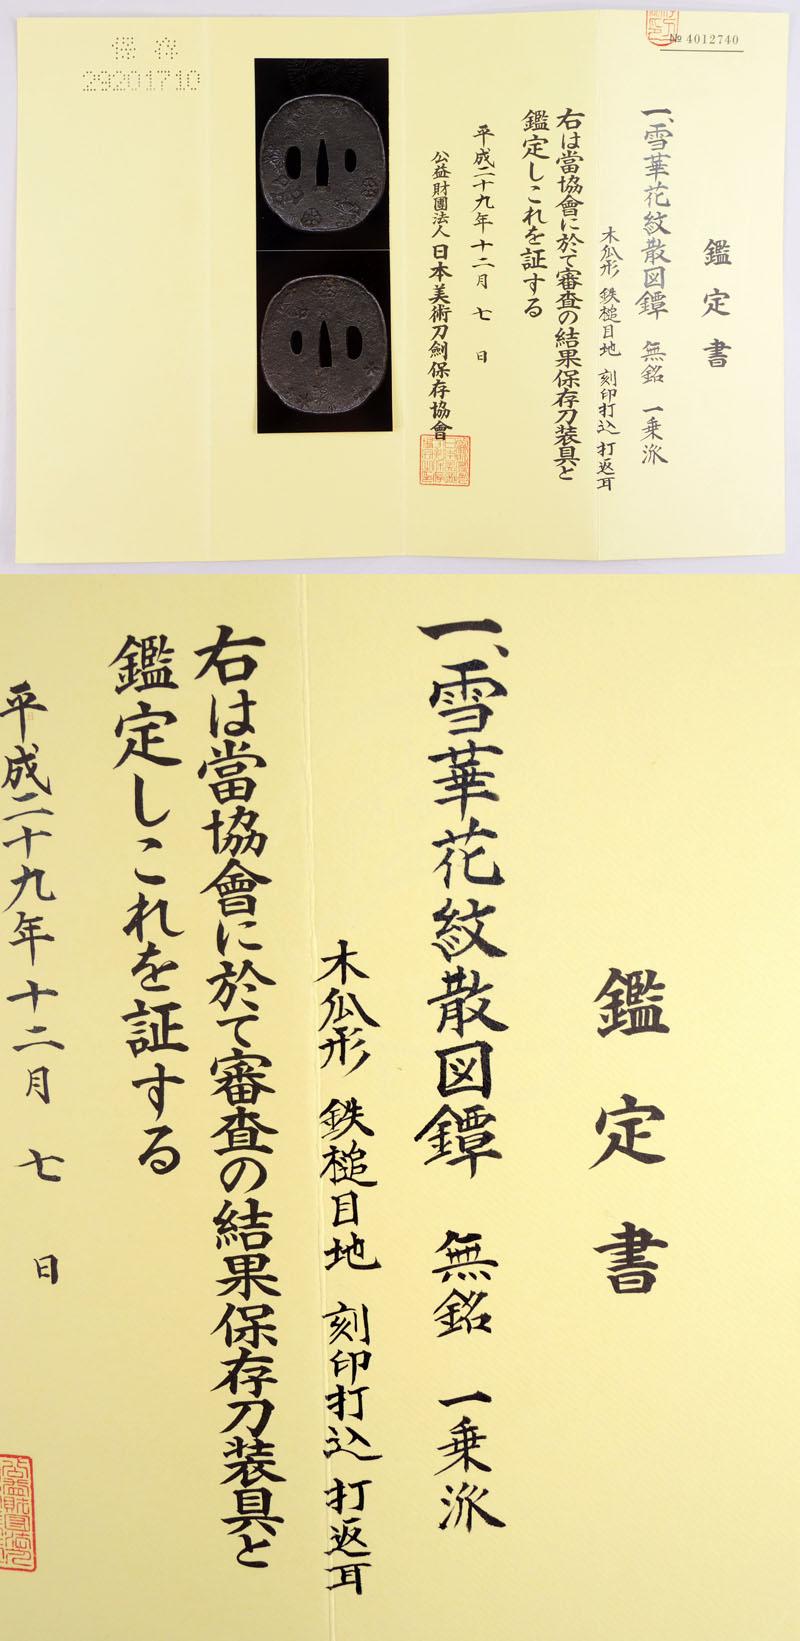 雪華花紋散図鍔 無銘 一乗派  Picture of Certificate